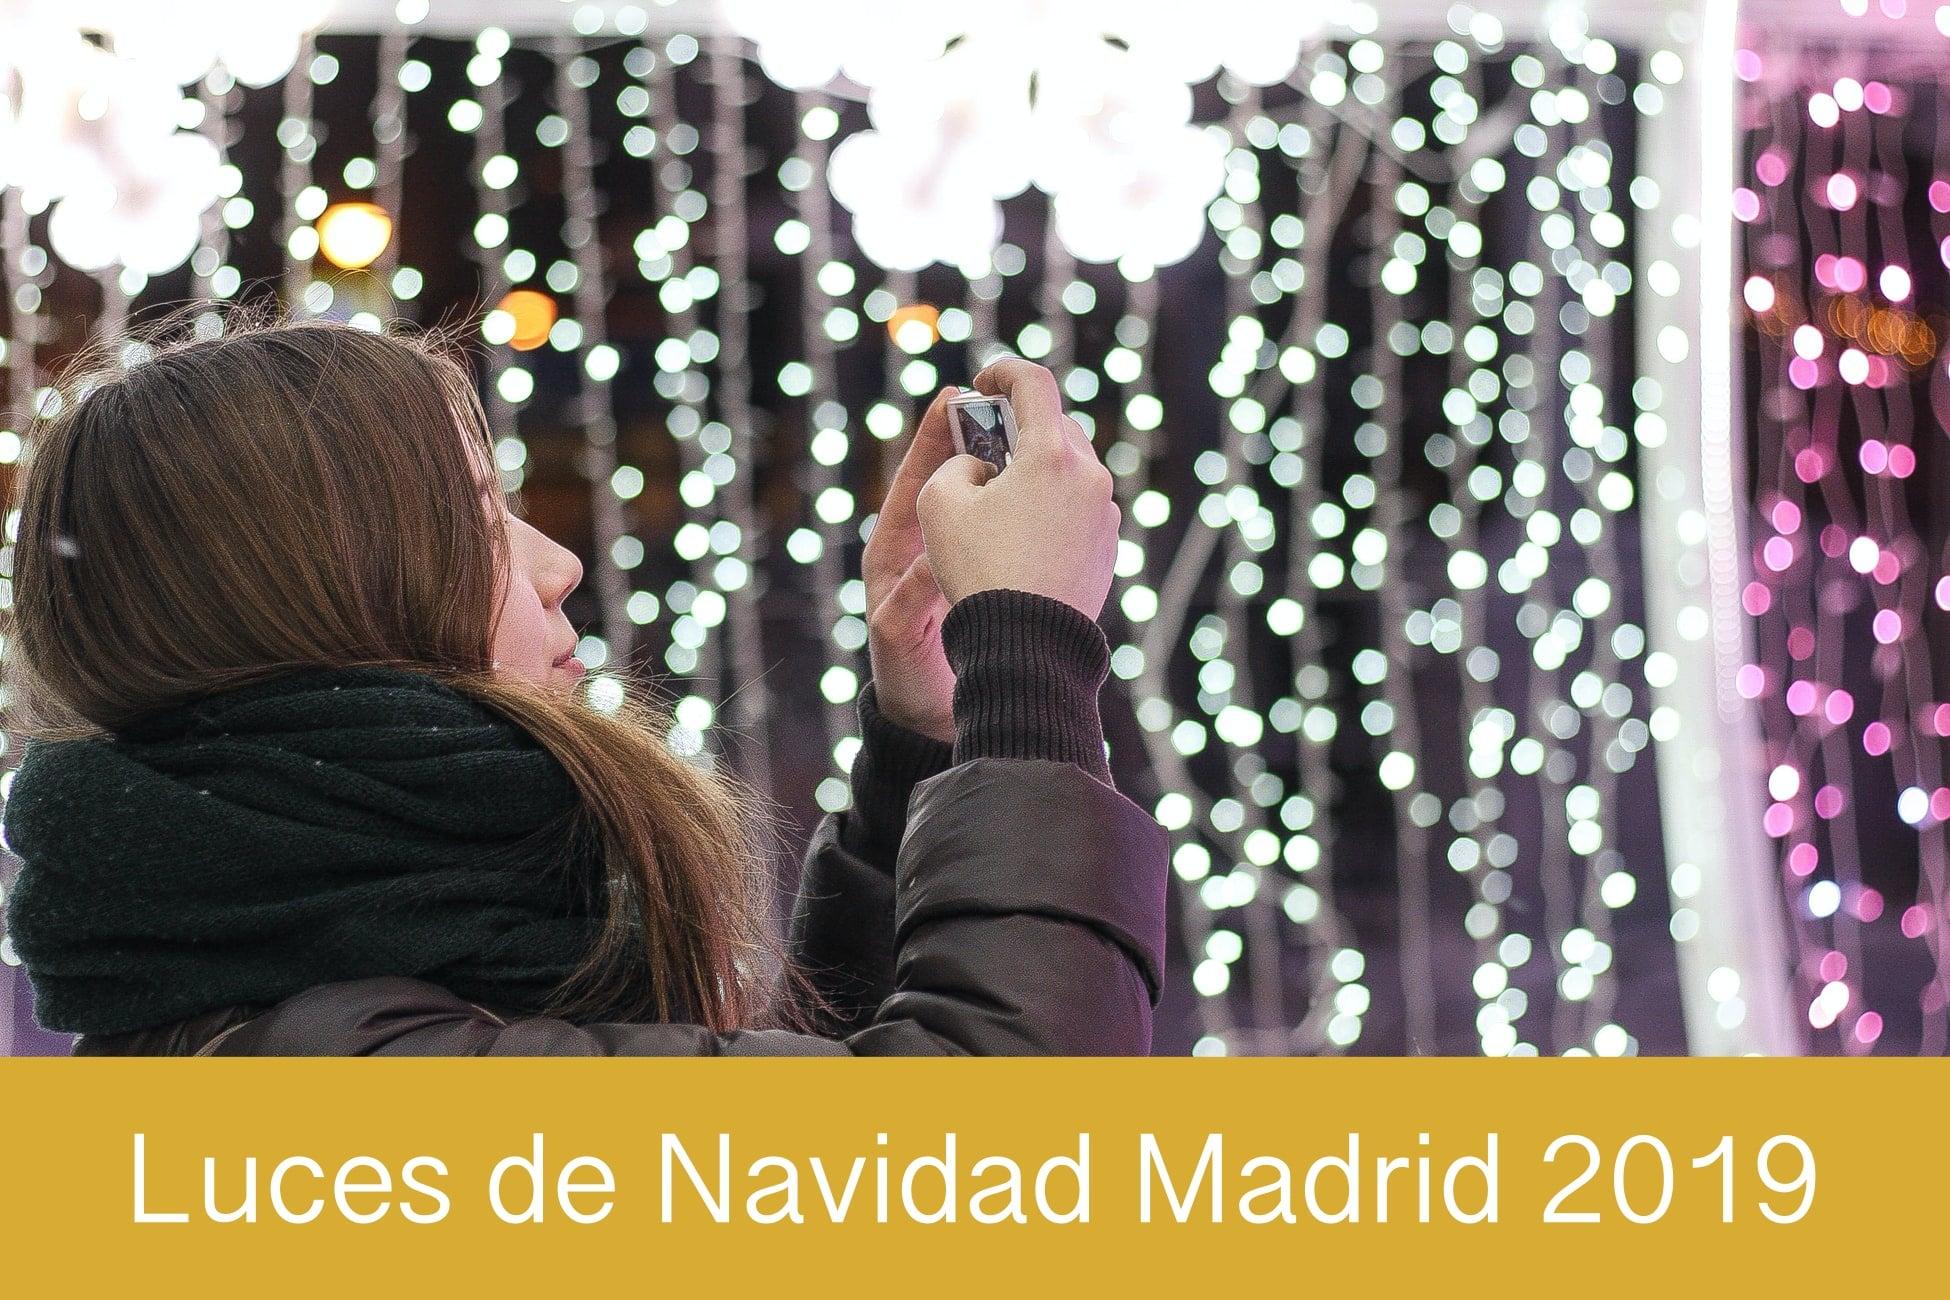 Luces de Navidad en Madrid 2019